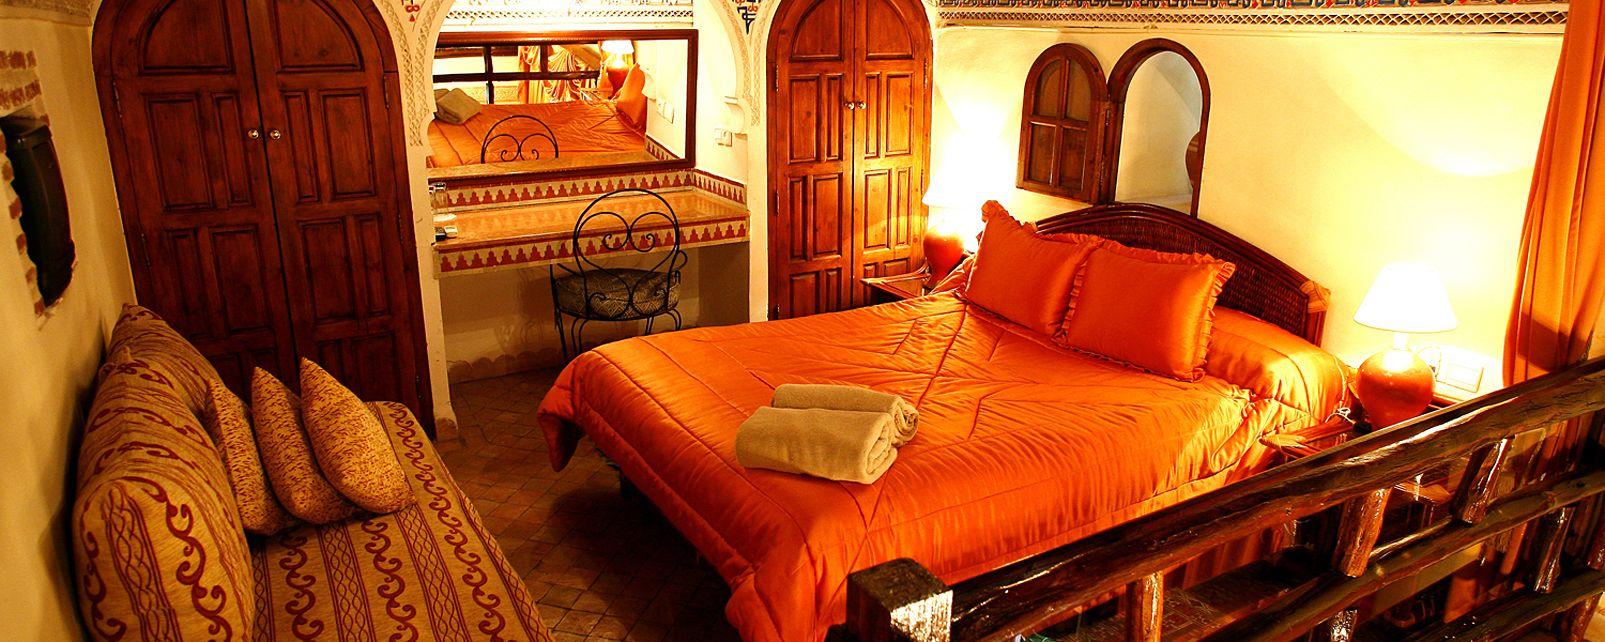 Hotel Riad Catalina